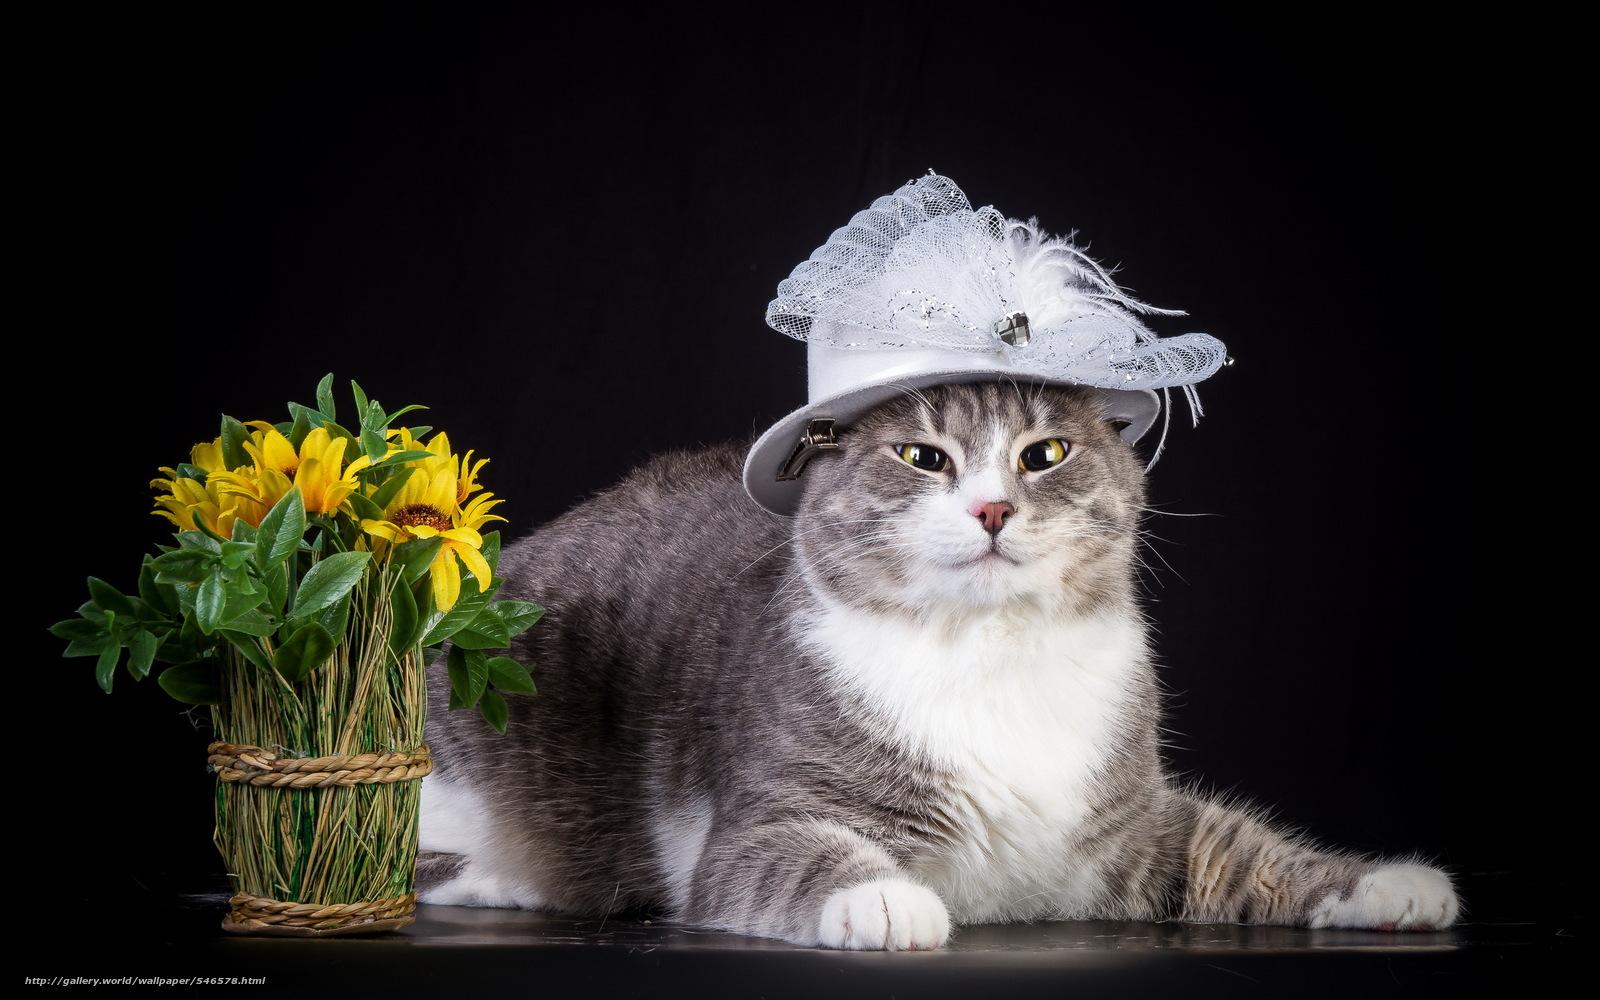 Scaricare Gli Sfondi Animali Animale Gatti Gatto Sfondi